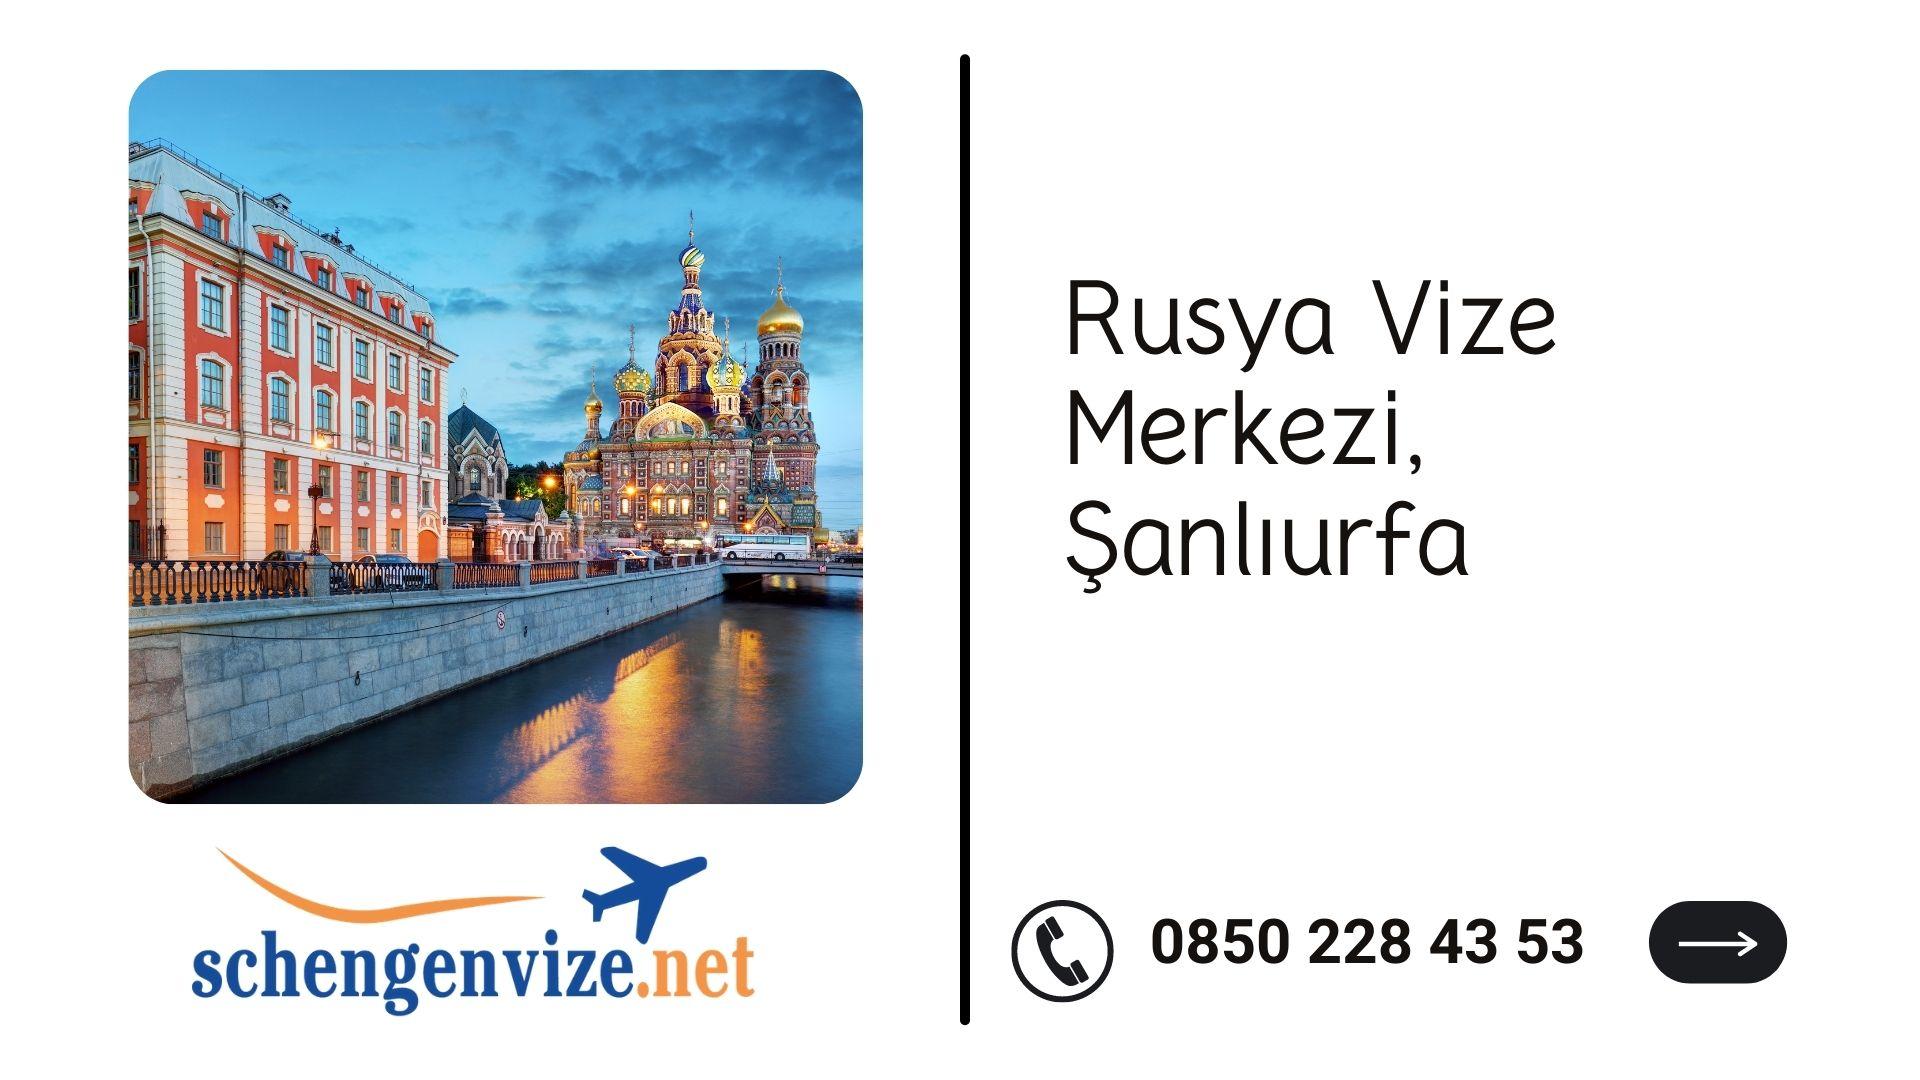 Rusya Vize Merkezi, Şanlıurfa